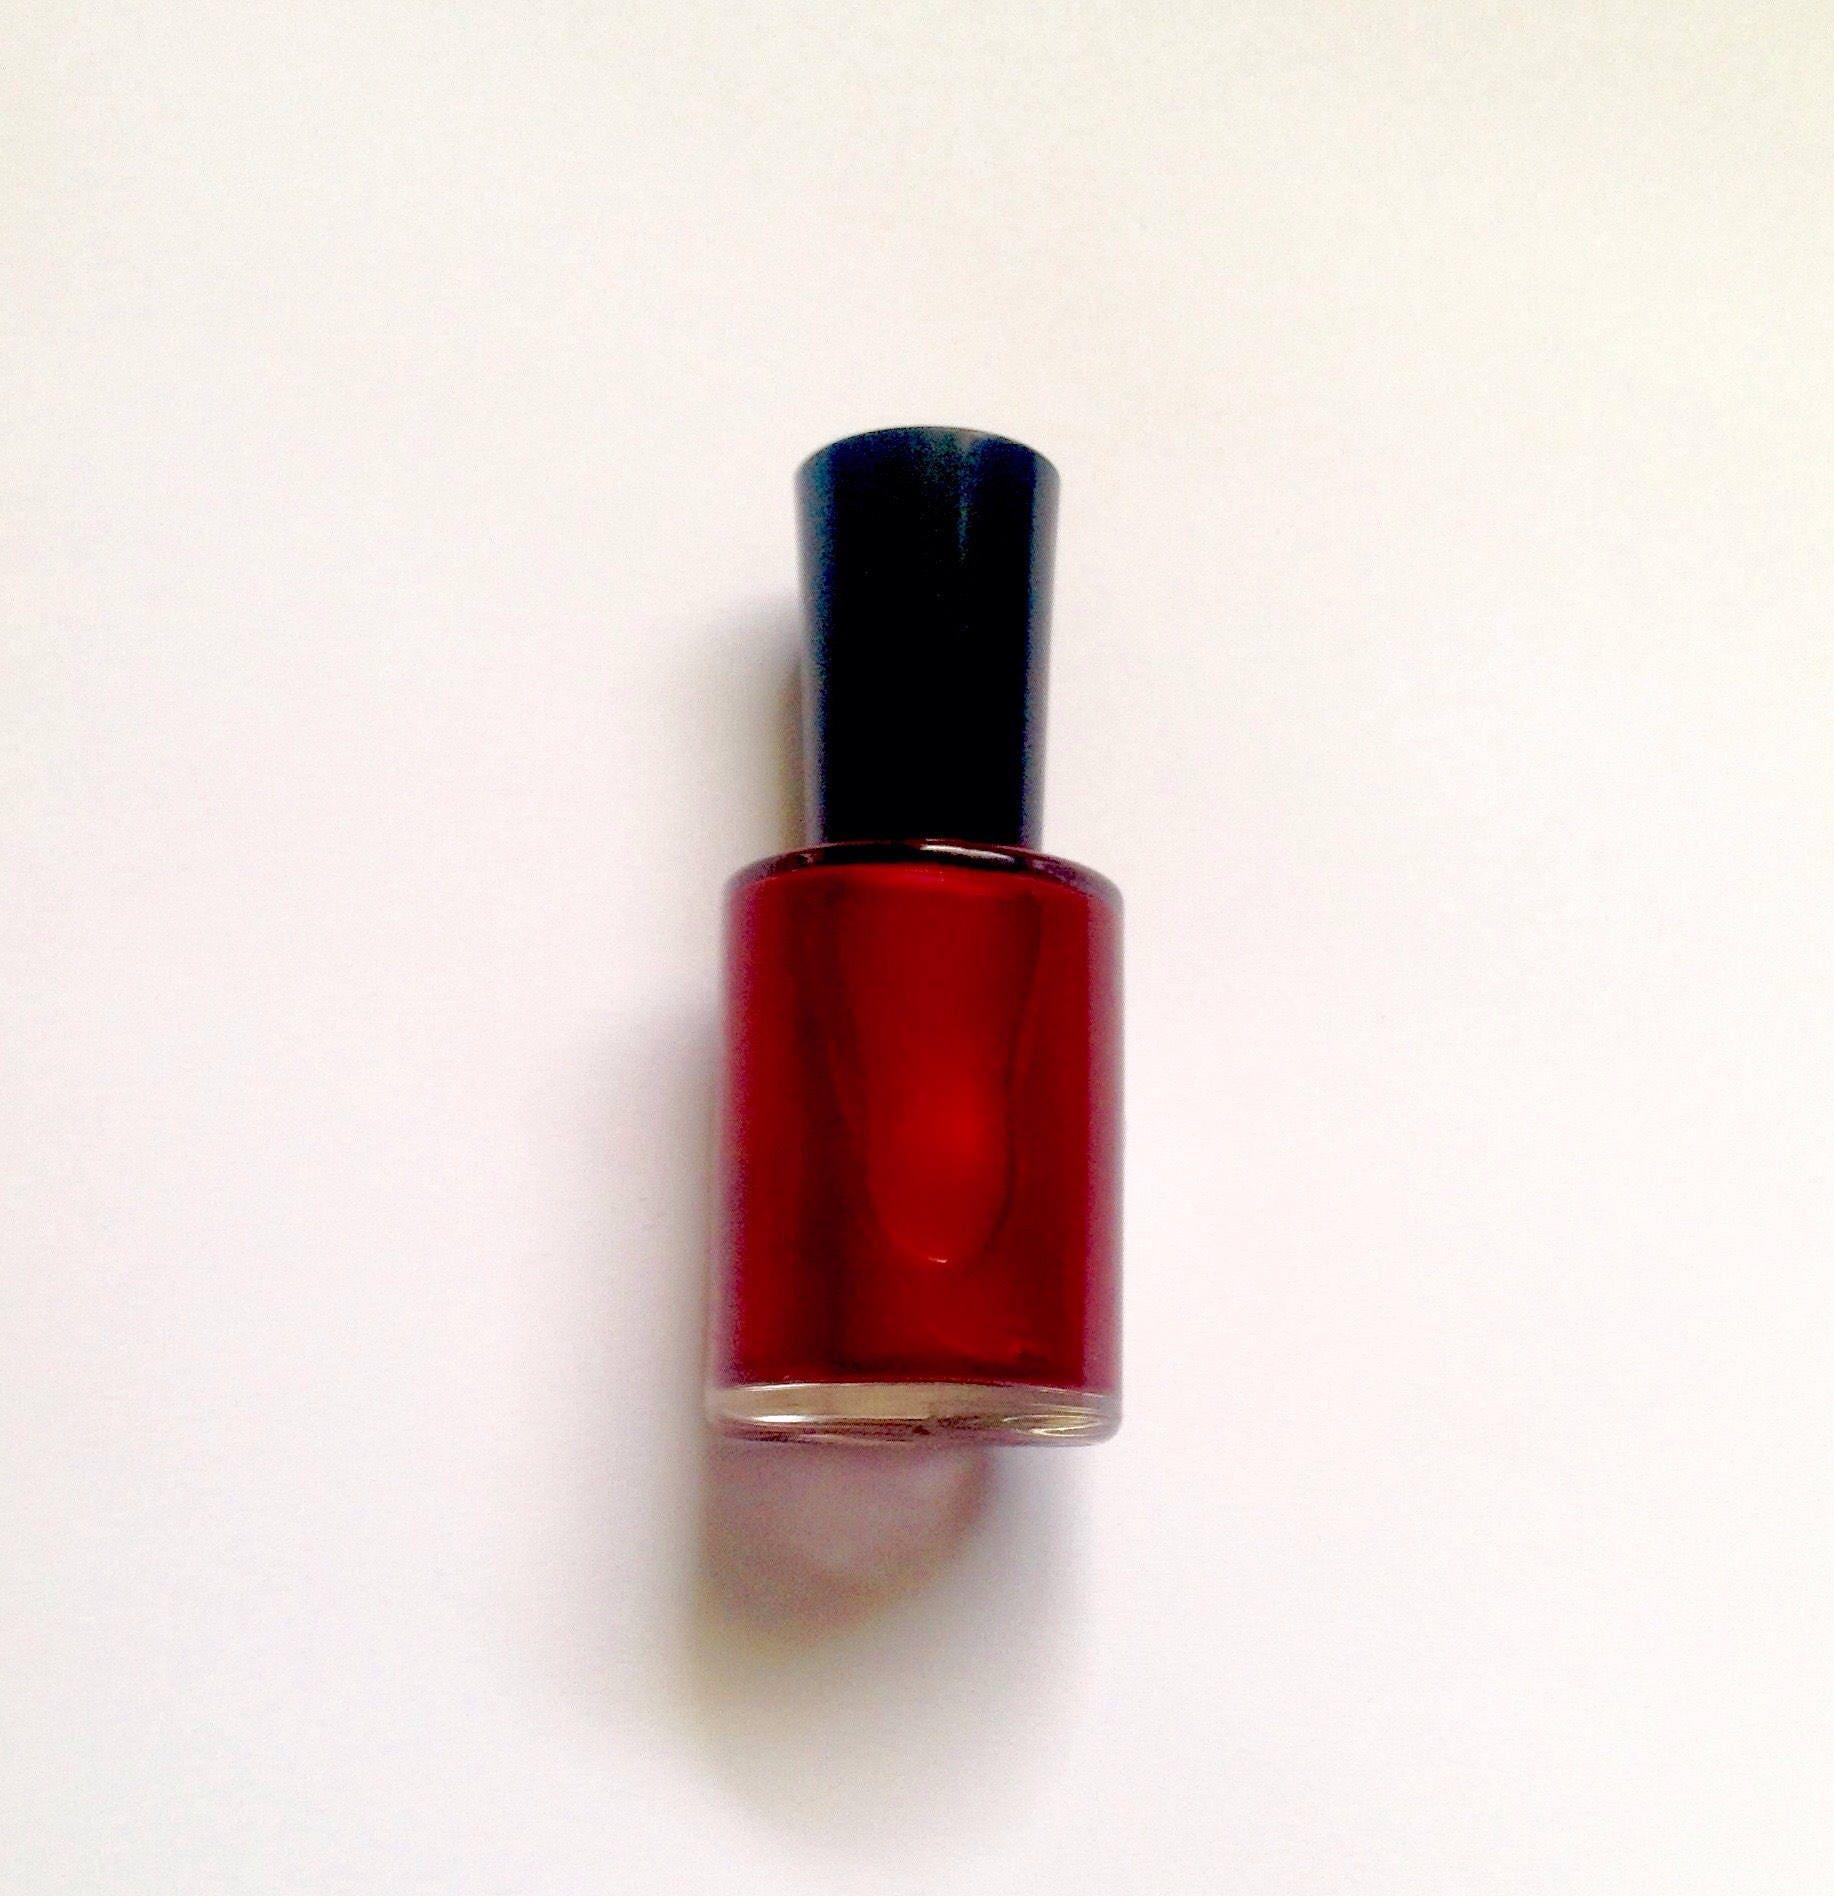 Ruby Nail Polish: Ruby Red Vegan Red Nail Polish-Red-Nail Polish-Gift For